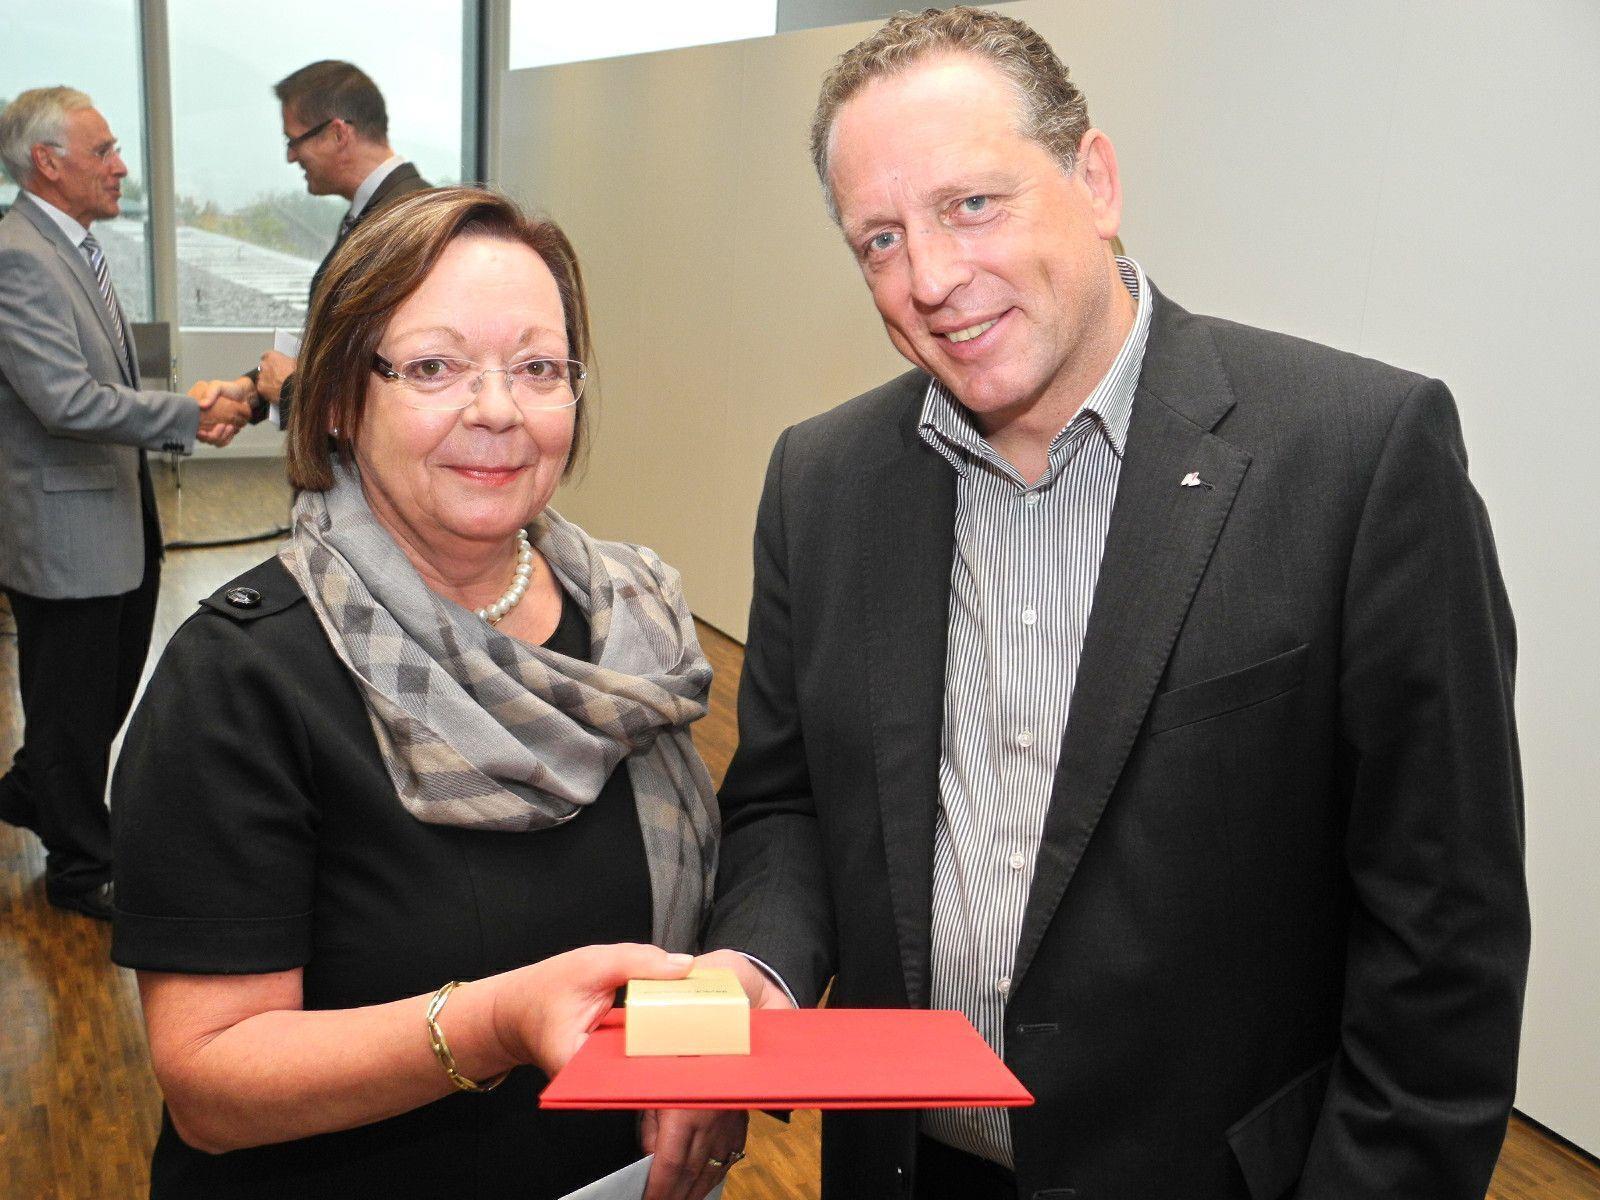 Angelika Dunkl erhält von Arbeiterkammerpräsident die Ehrenurkunde für 40 Jahre AK-Migliedschaft